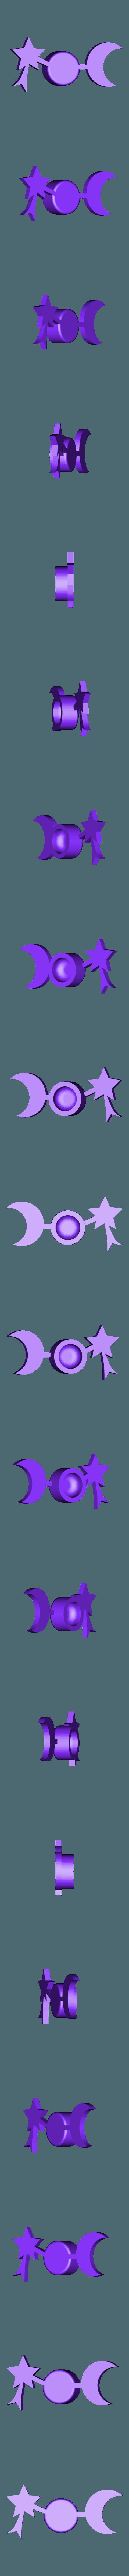 lune-étoile.stl Télécharger fichier STL gratuit Tirelire-Vises les étoiles ! • Plan pour impression 3D, rfbat